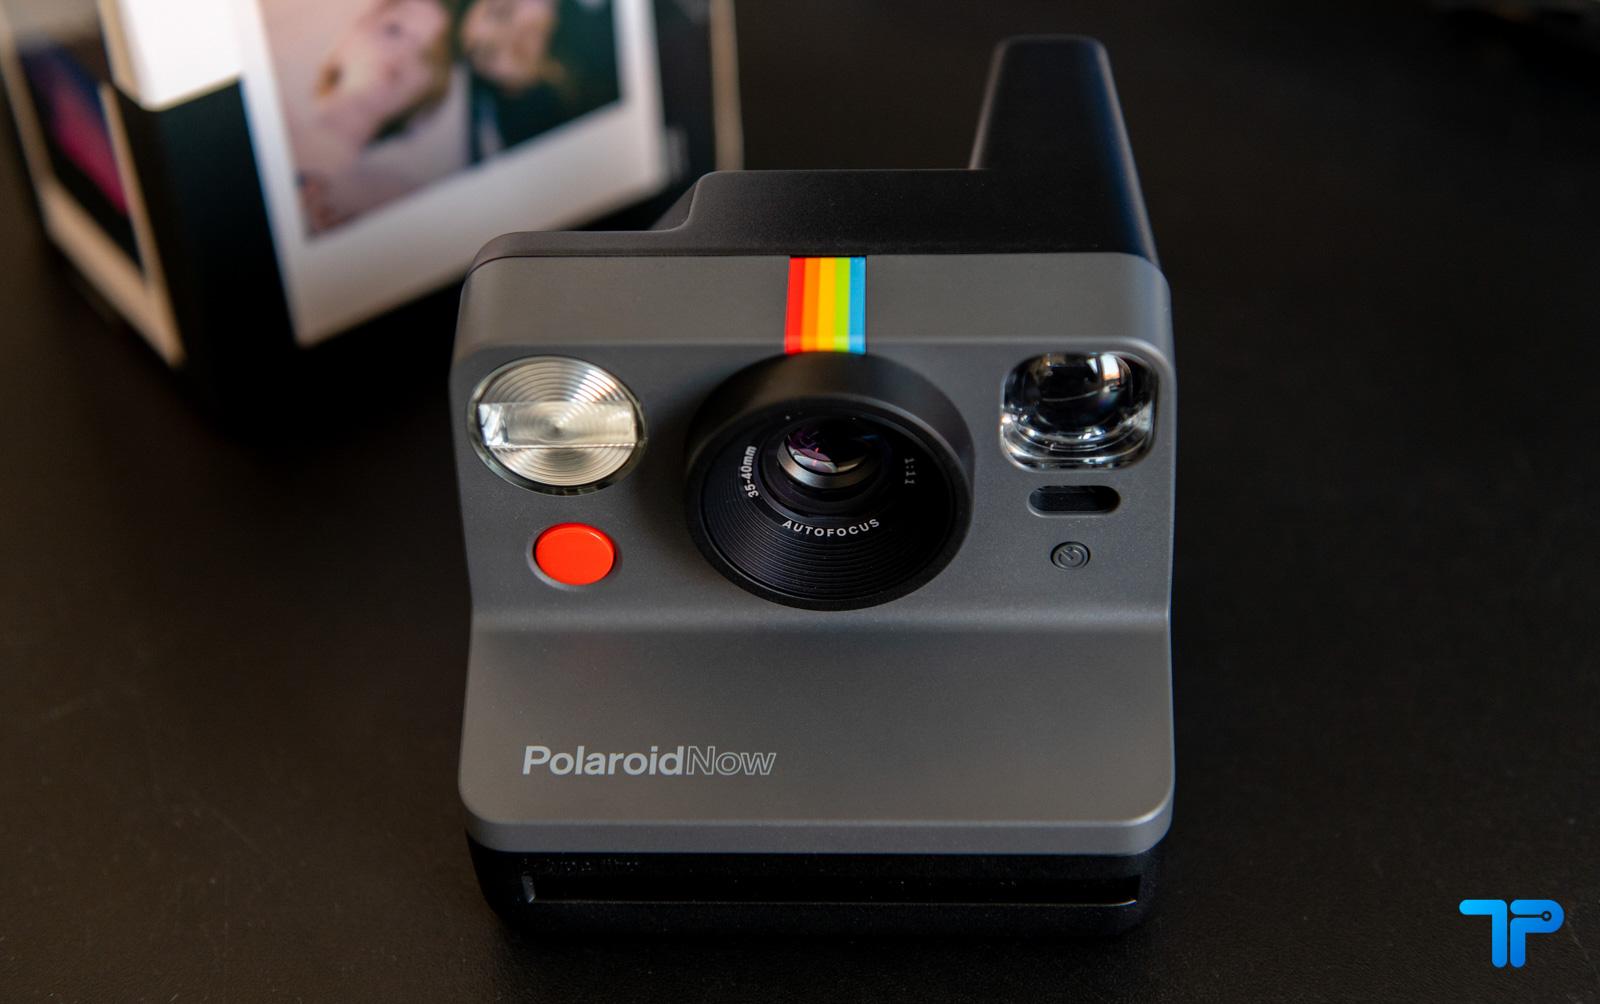 nuova Polaroid now recensione